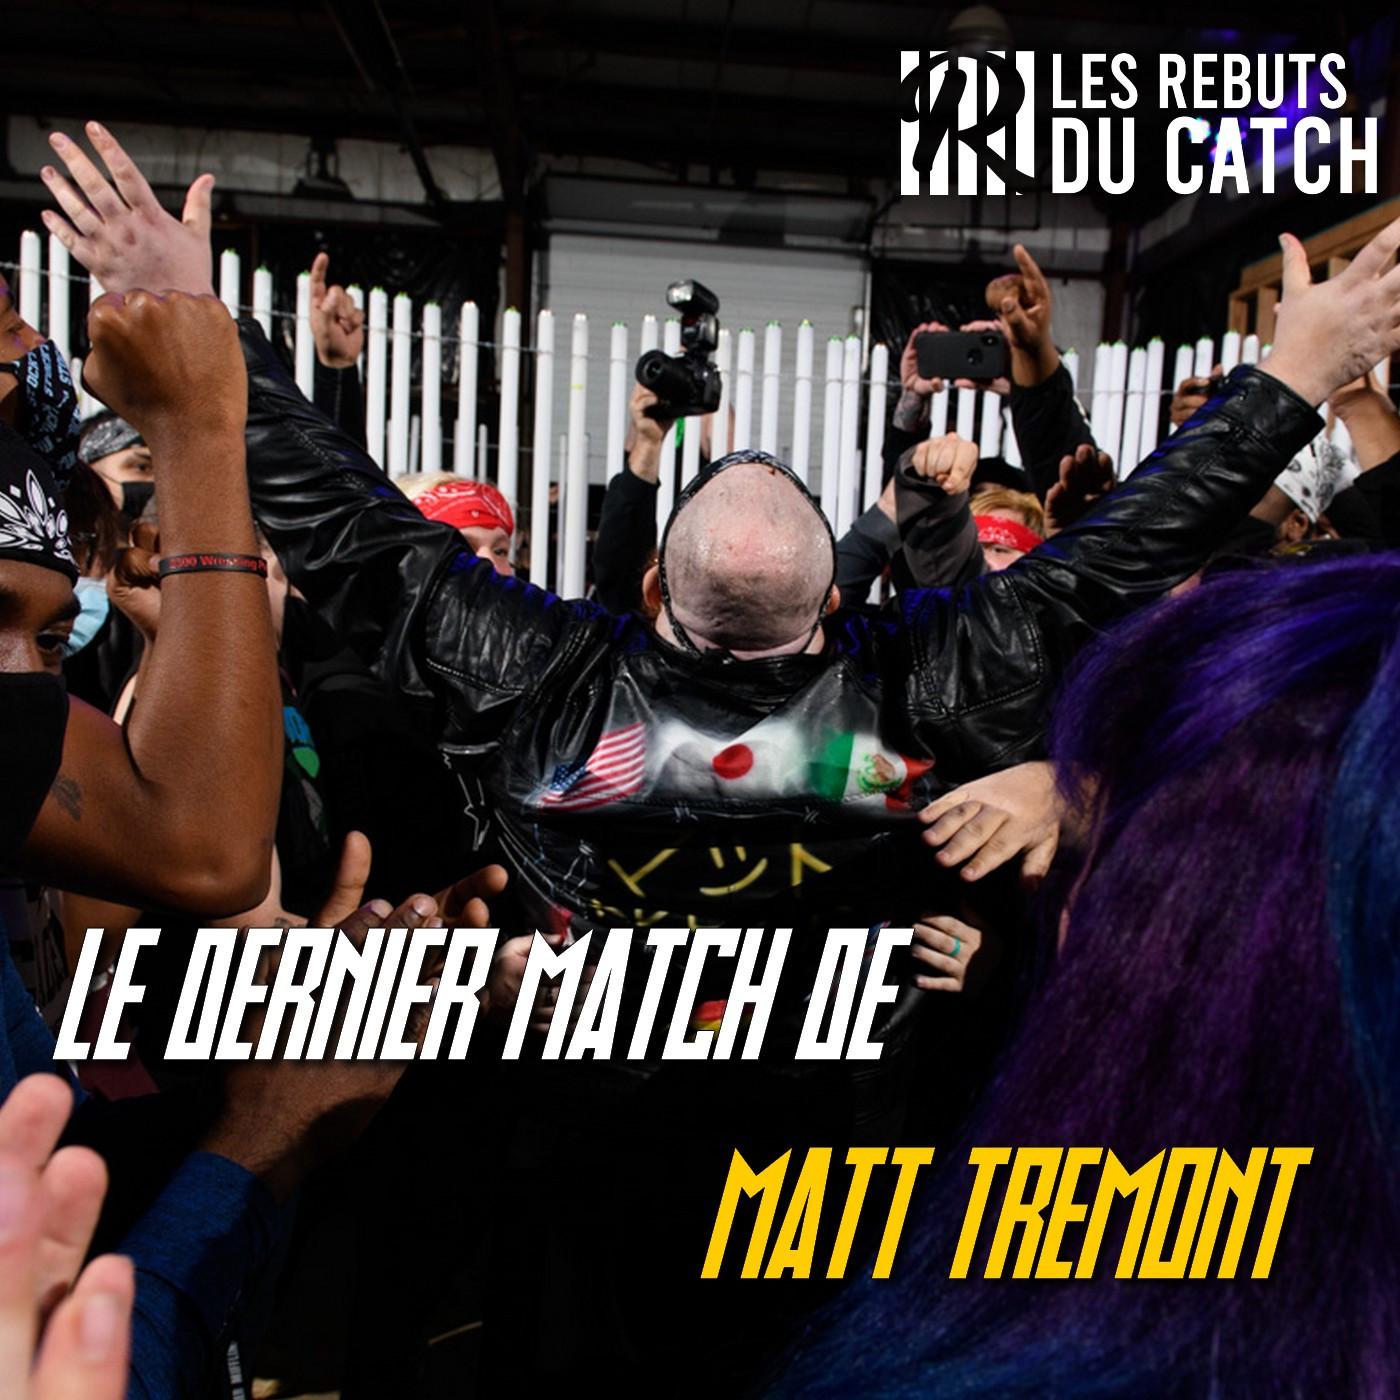 Le dernier match de Matt Tremont, un départ réussi ?